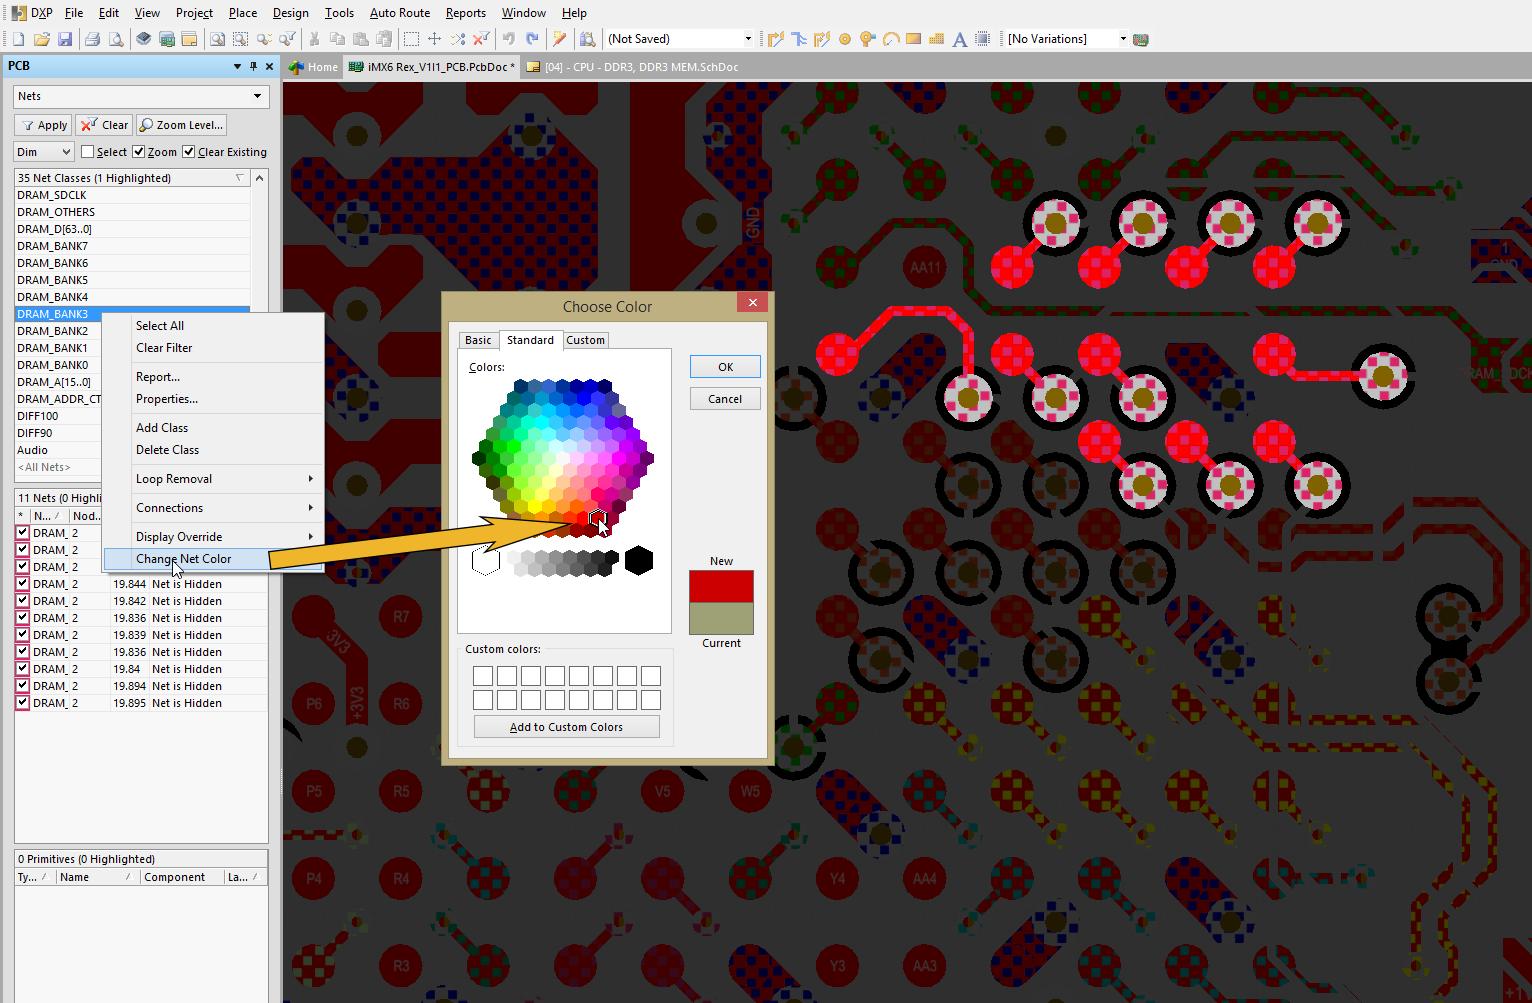 ddr3 interface example  Abbildung 3: Das Zuordnen verschiedener Farben für jede Gruppe kann das mentale Nachvollziehen des DDR3-Routings einfacher gestalten.